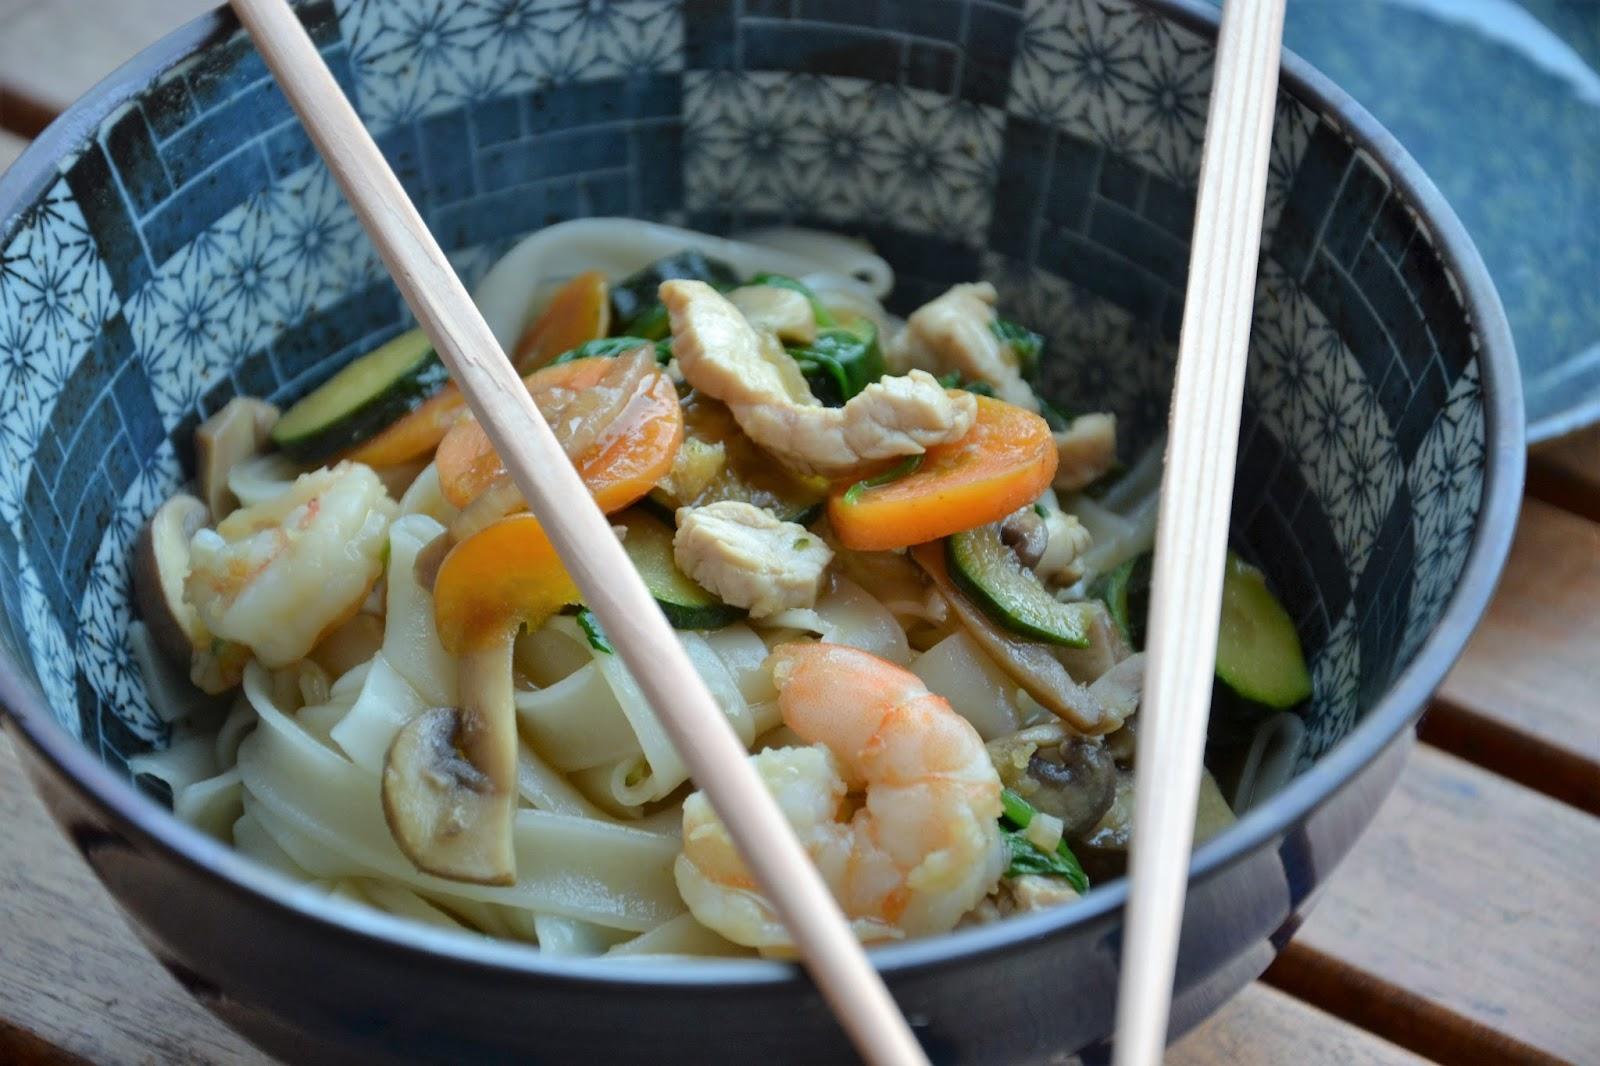 Tagliatelle di riso con verdure primaverili croccanti